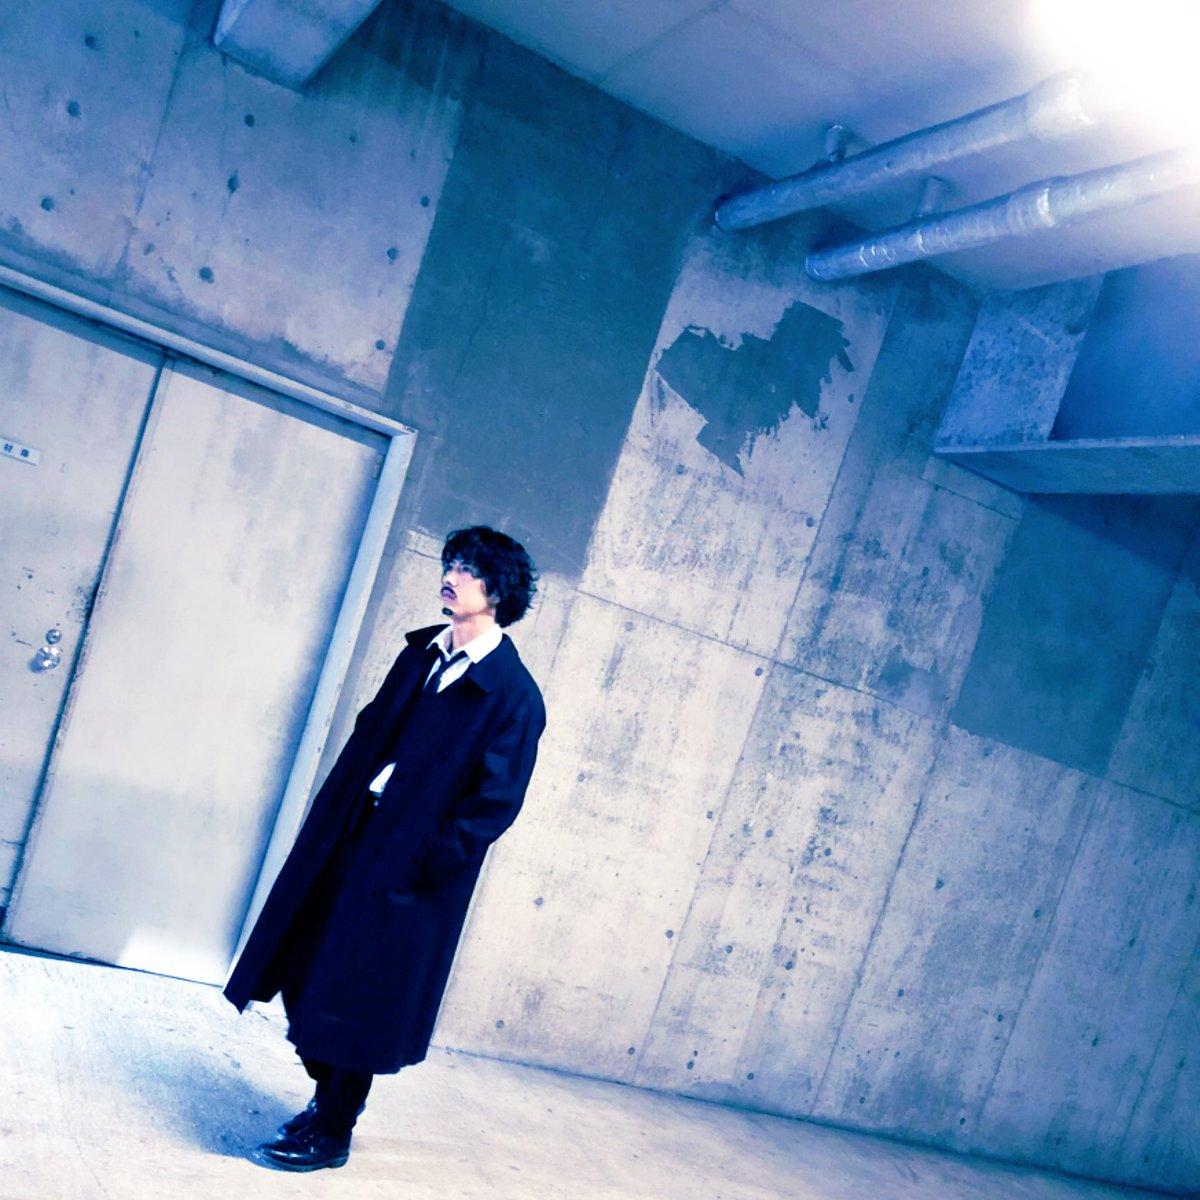 15日はラストノワール🌑#賀来賢人#ニッポンノワール